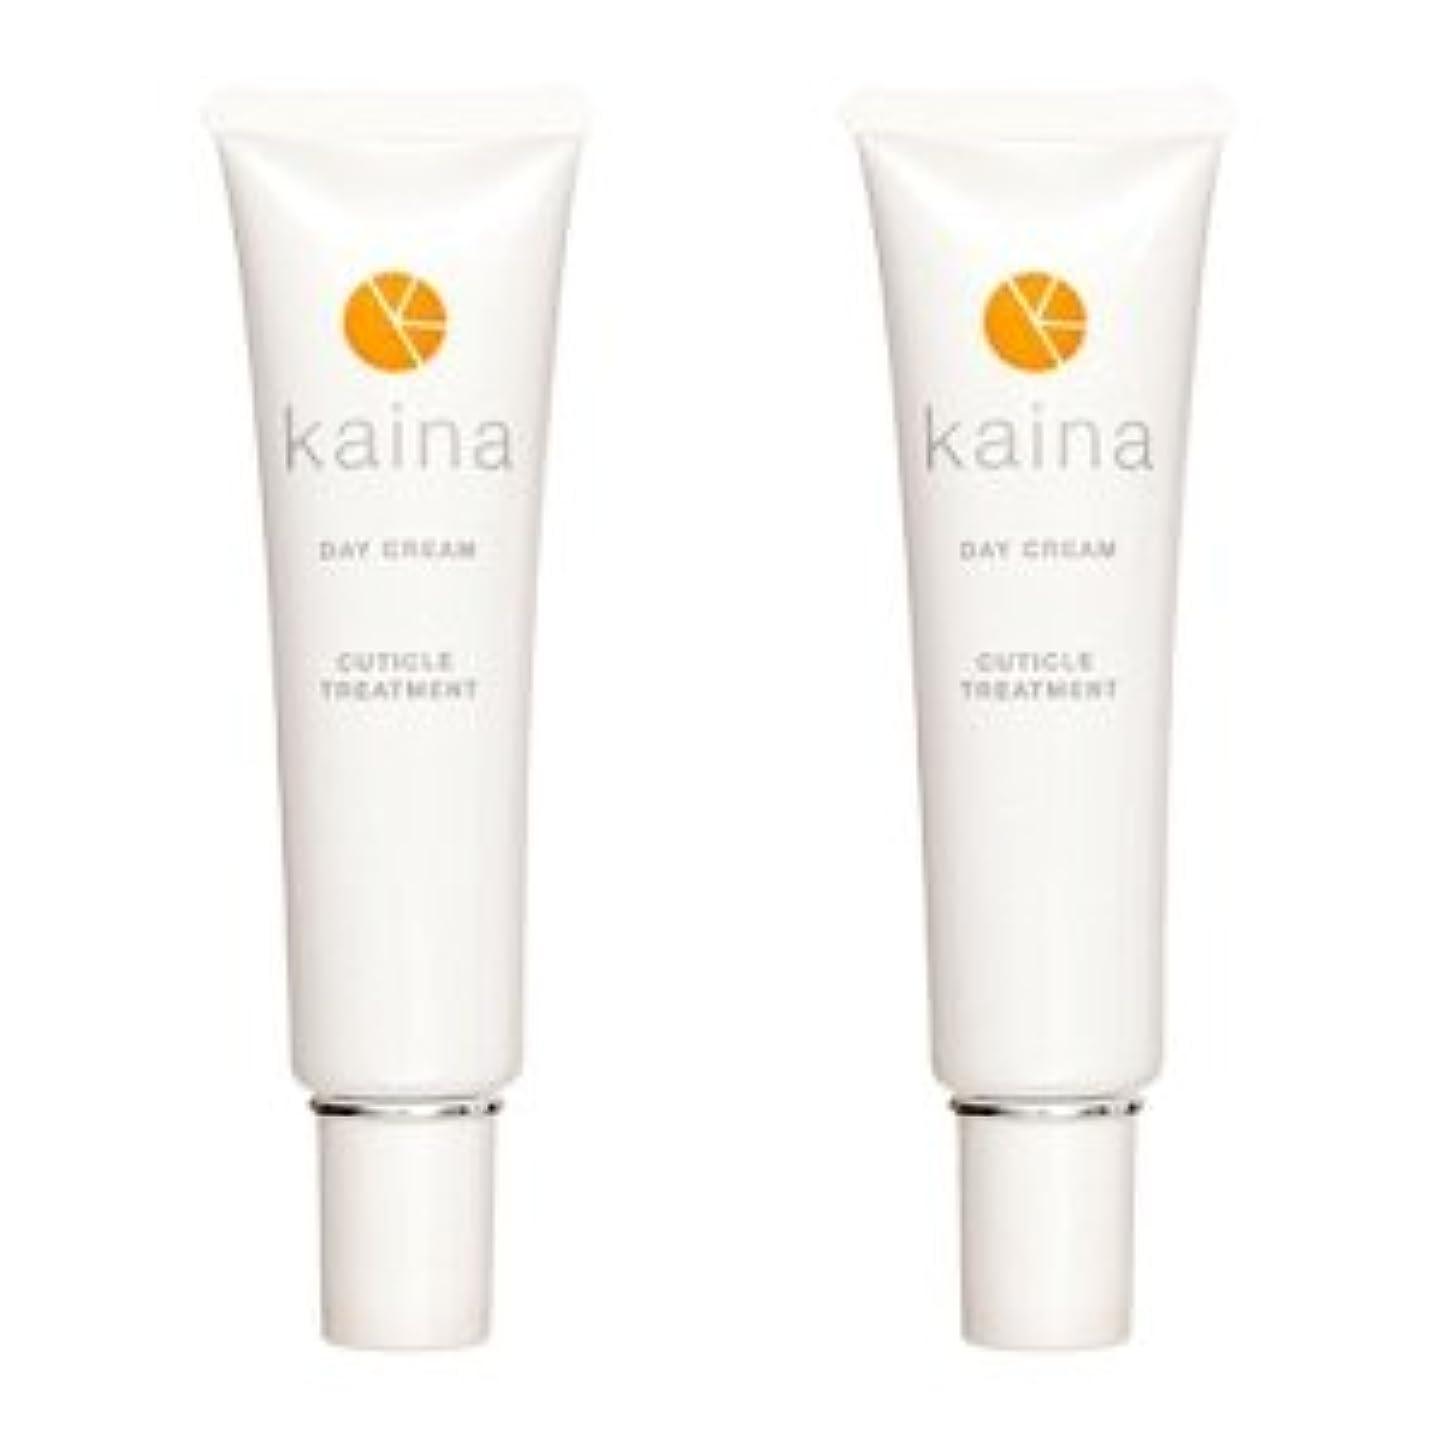 意識巻き取り浴室【2本セット】kaina BNK-001 デイクリーム 爪用保湿クリーム 毎日のツメのケアに